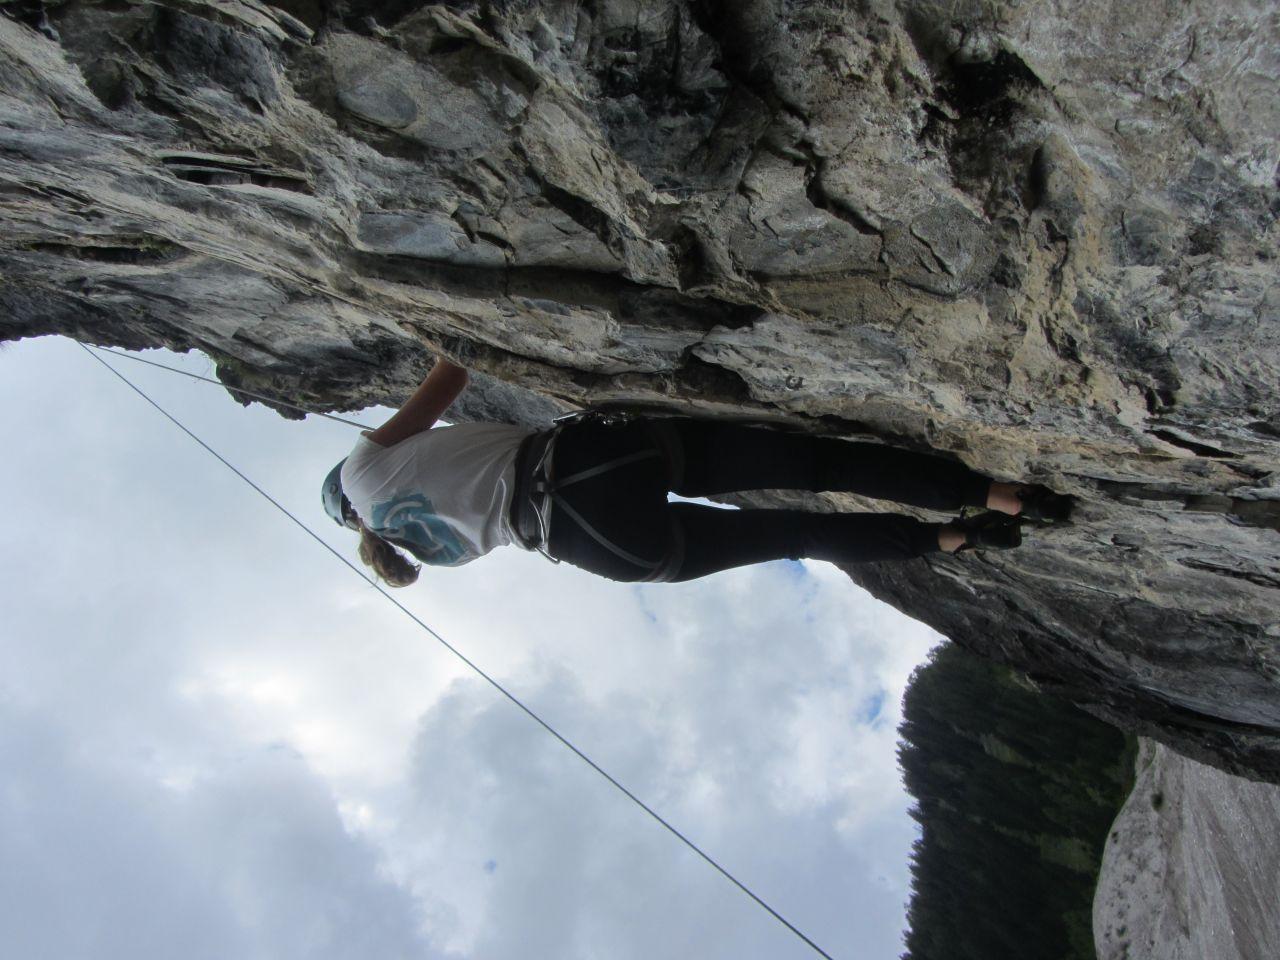 Klettersteig Englisch : Tagestour auf dem hindelanger klettersteig guiders